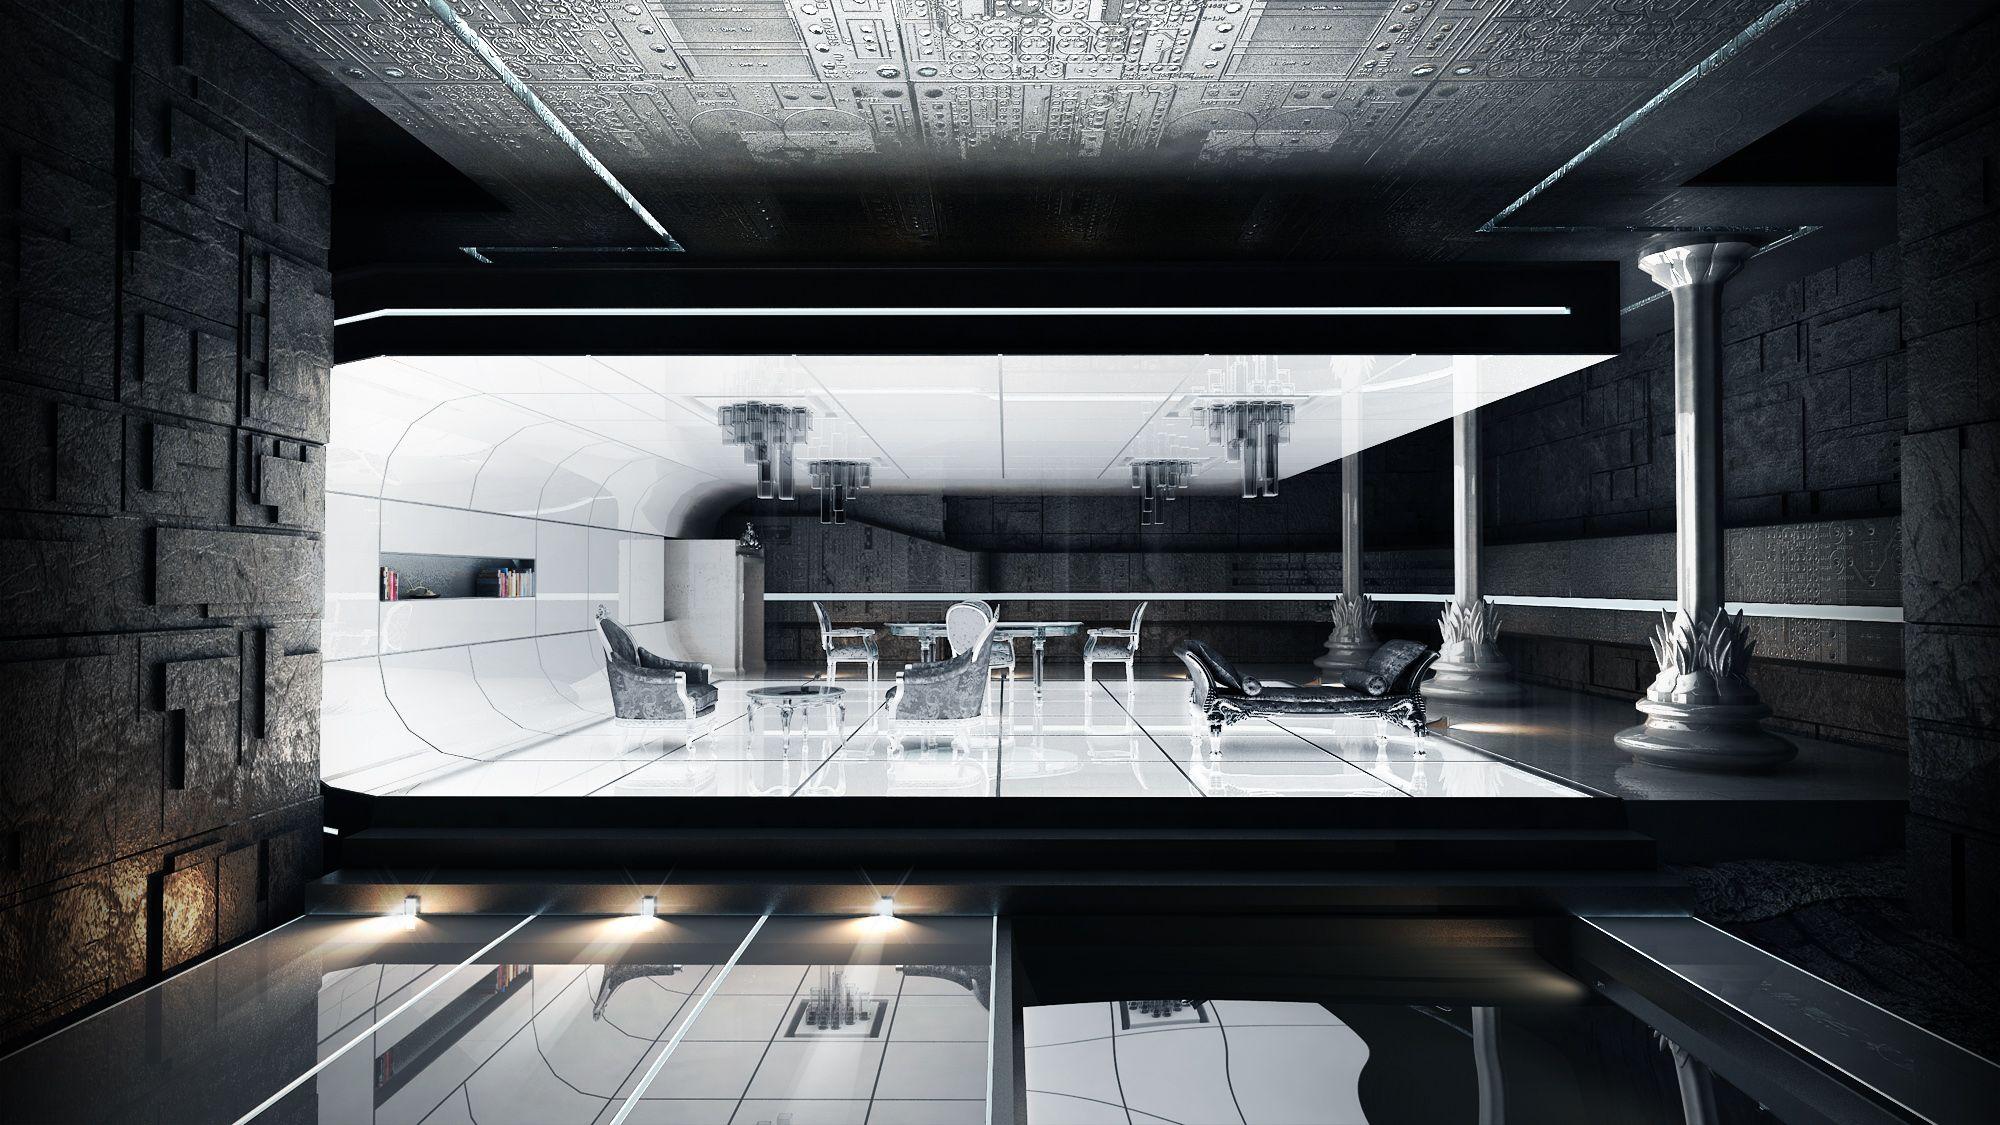 tron interior | Архитектура, жилое пространство | Pinterest ...